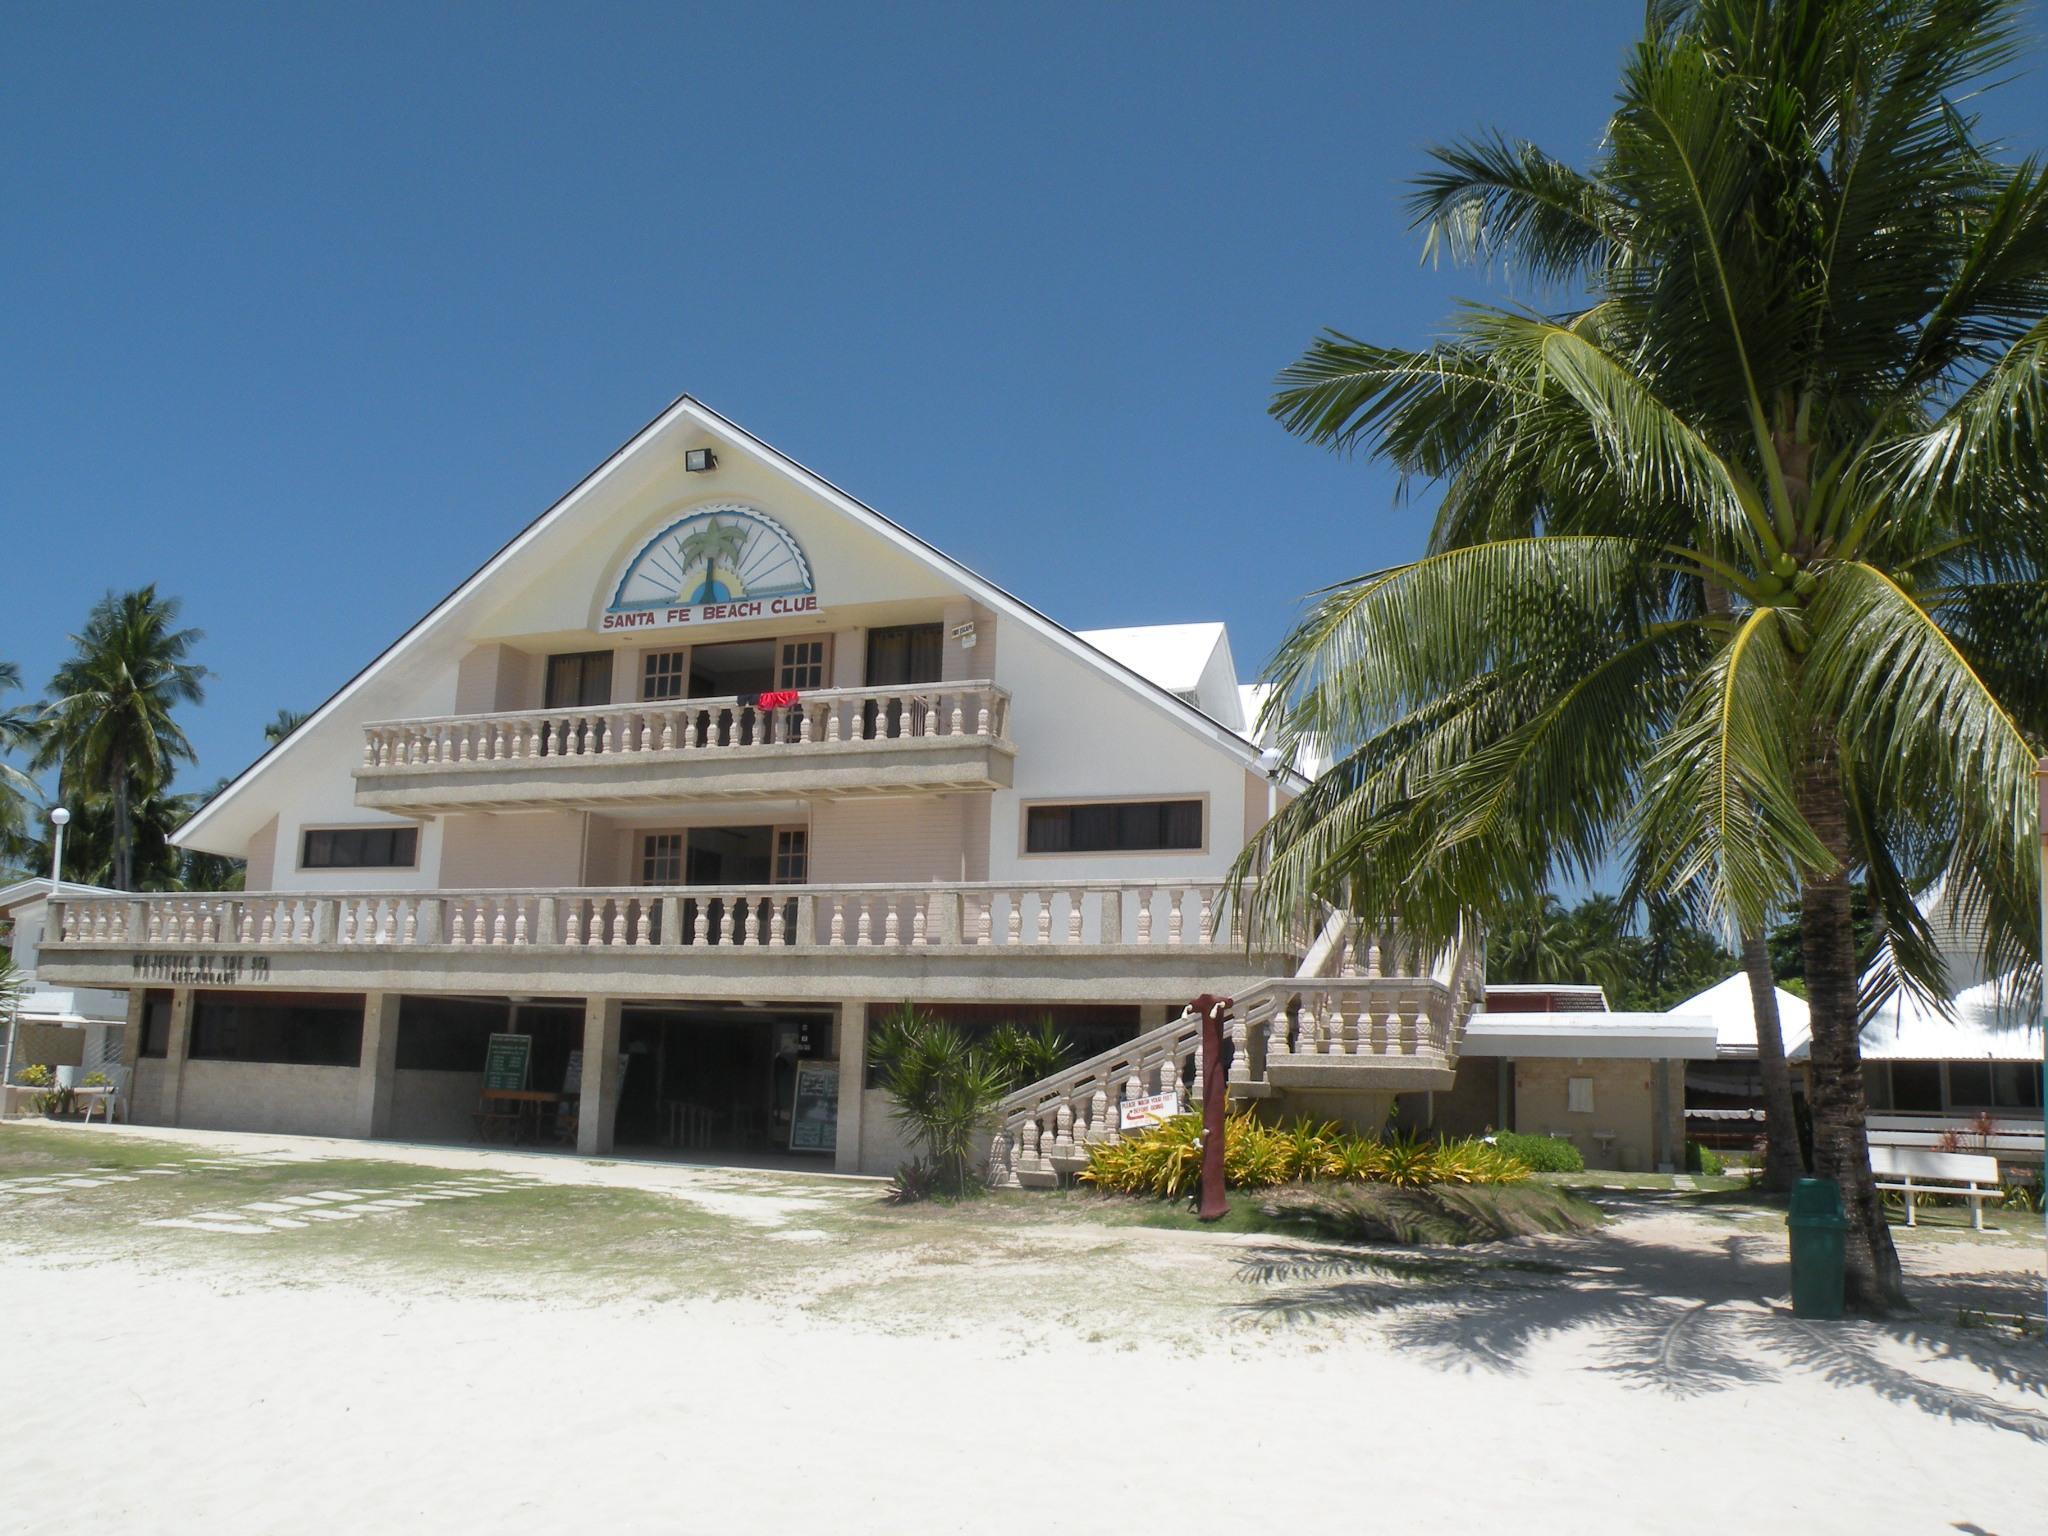 Sta. Fe Beach Club, Santa Fe